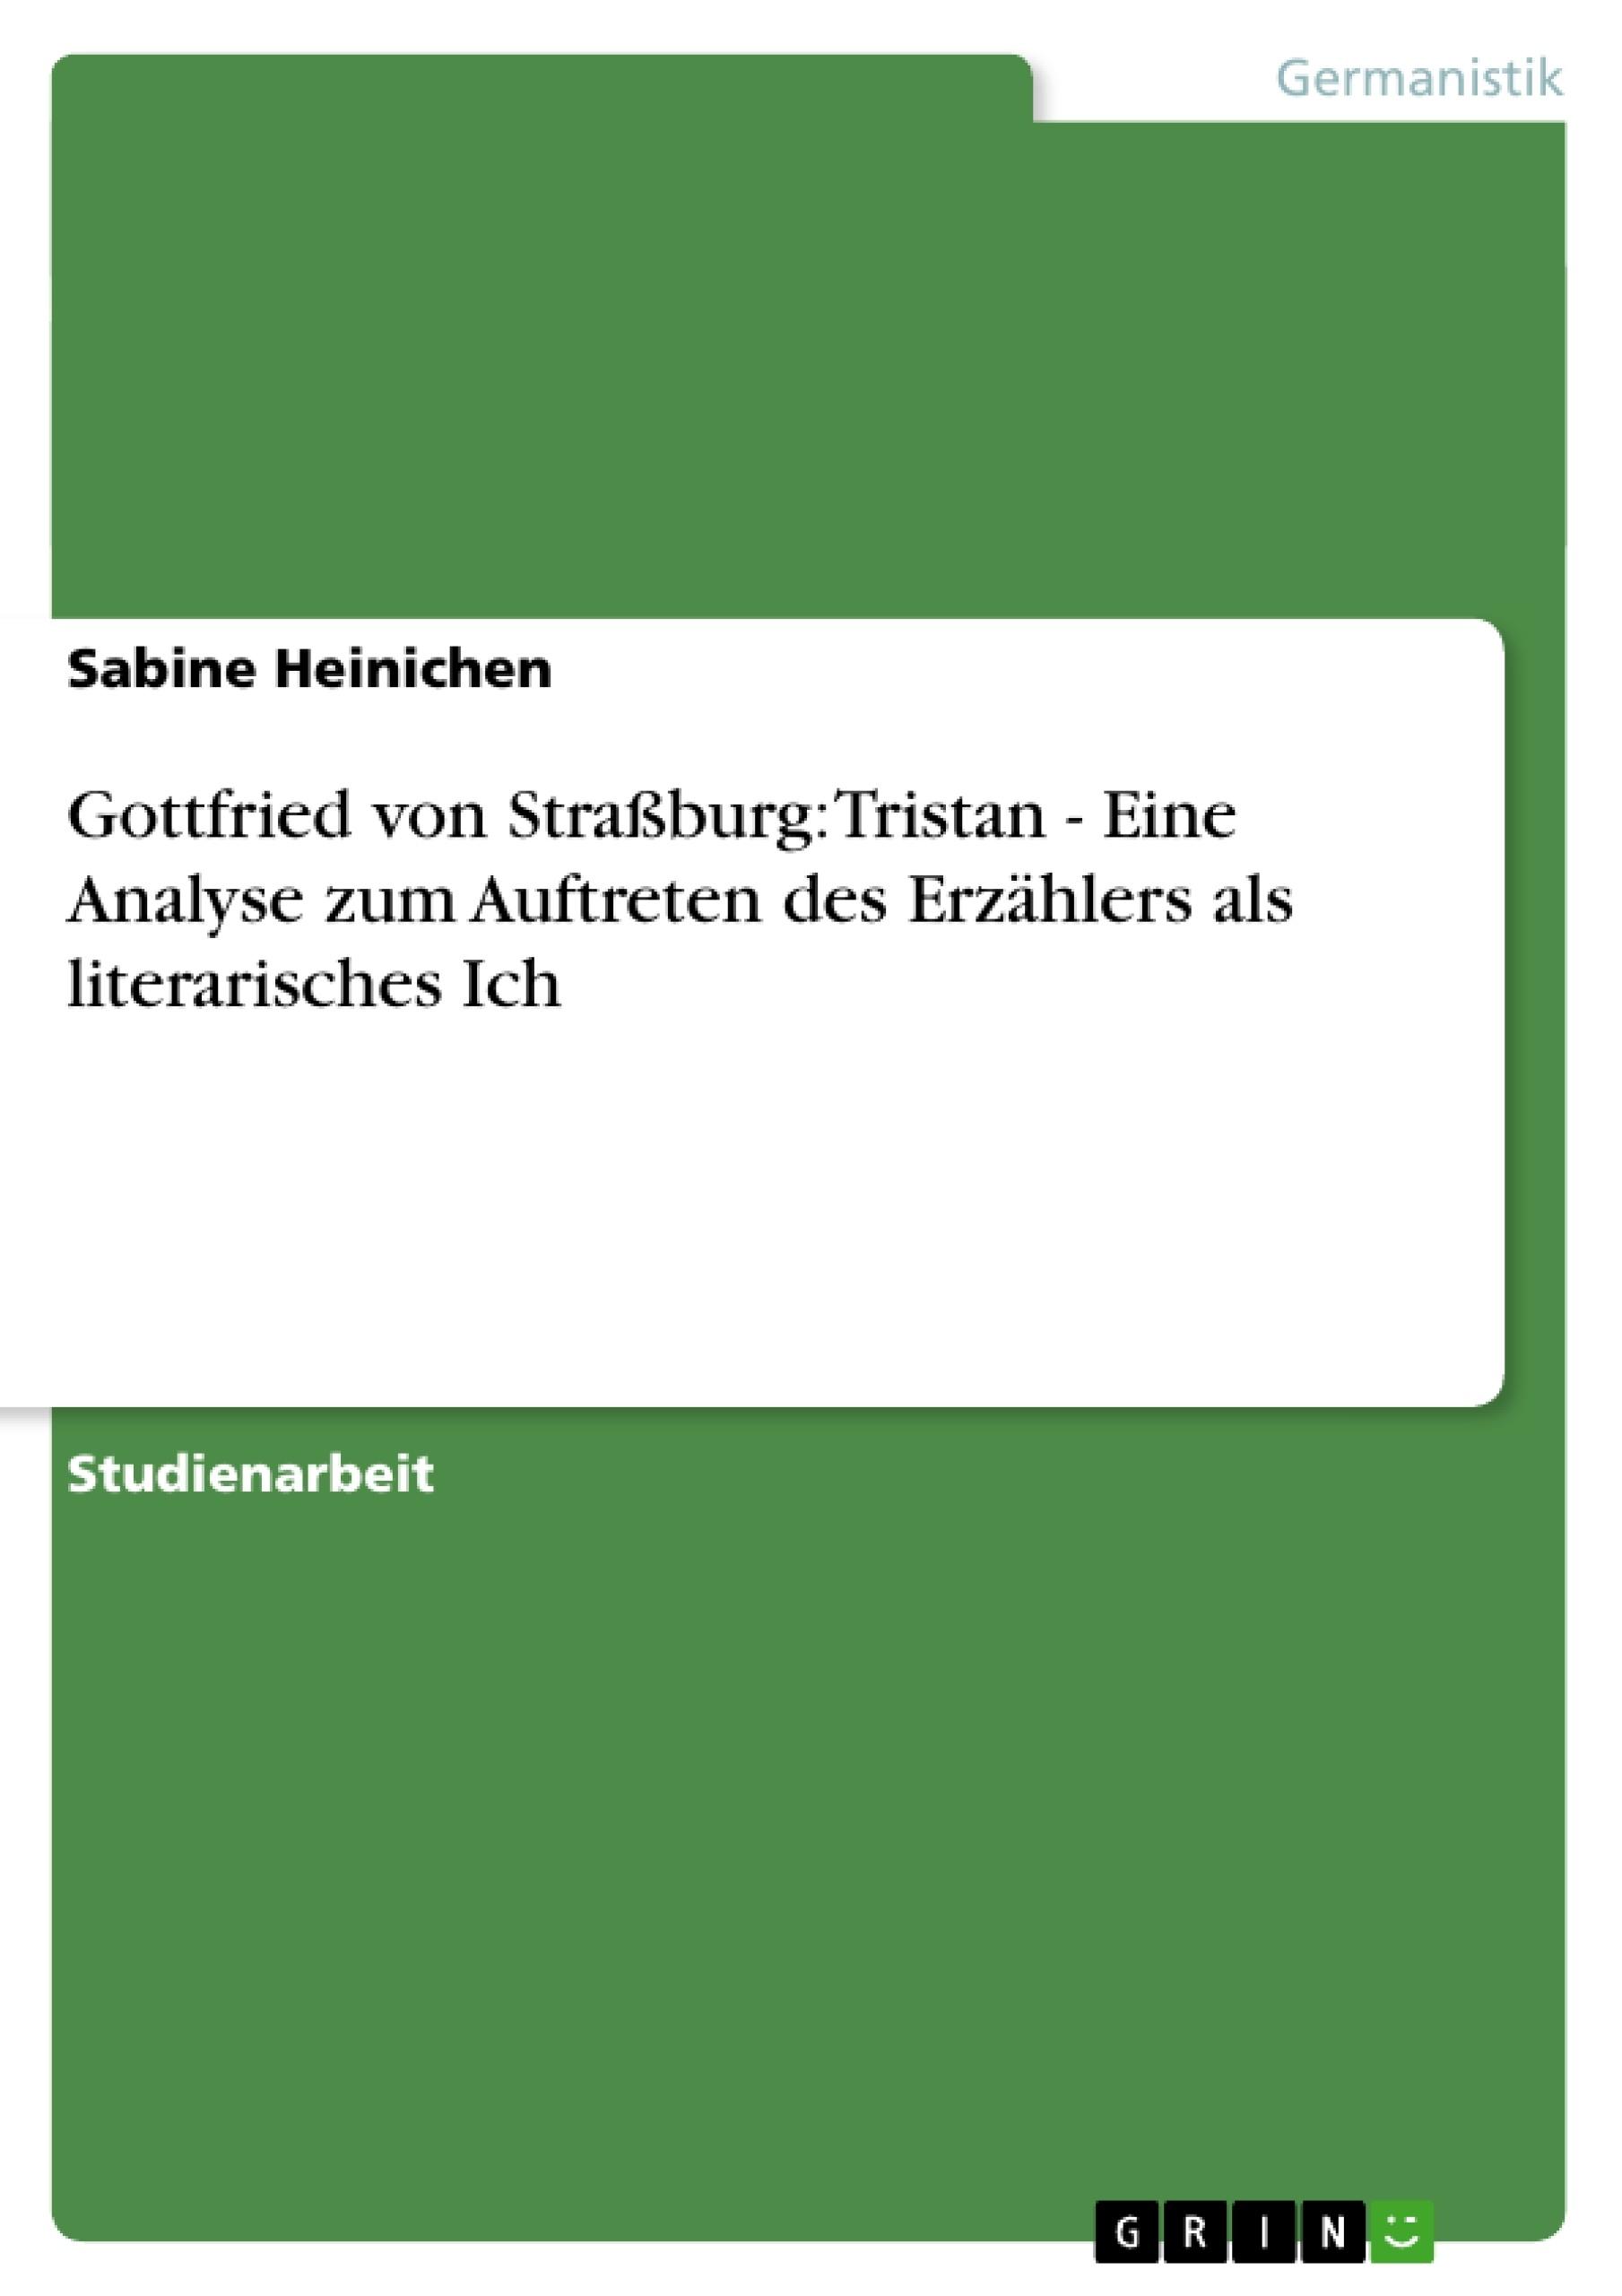 Titel: Gottfried von Straßburg: Tristan - Eine Analyse zum Auftreten des Erzählers als literarisches Ich